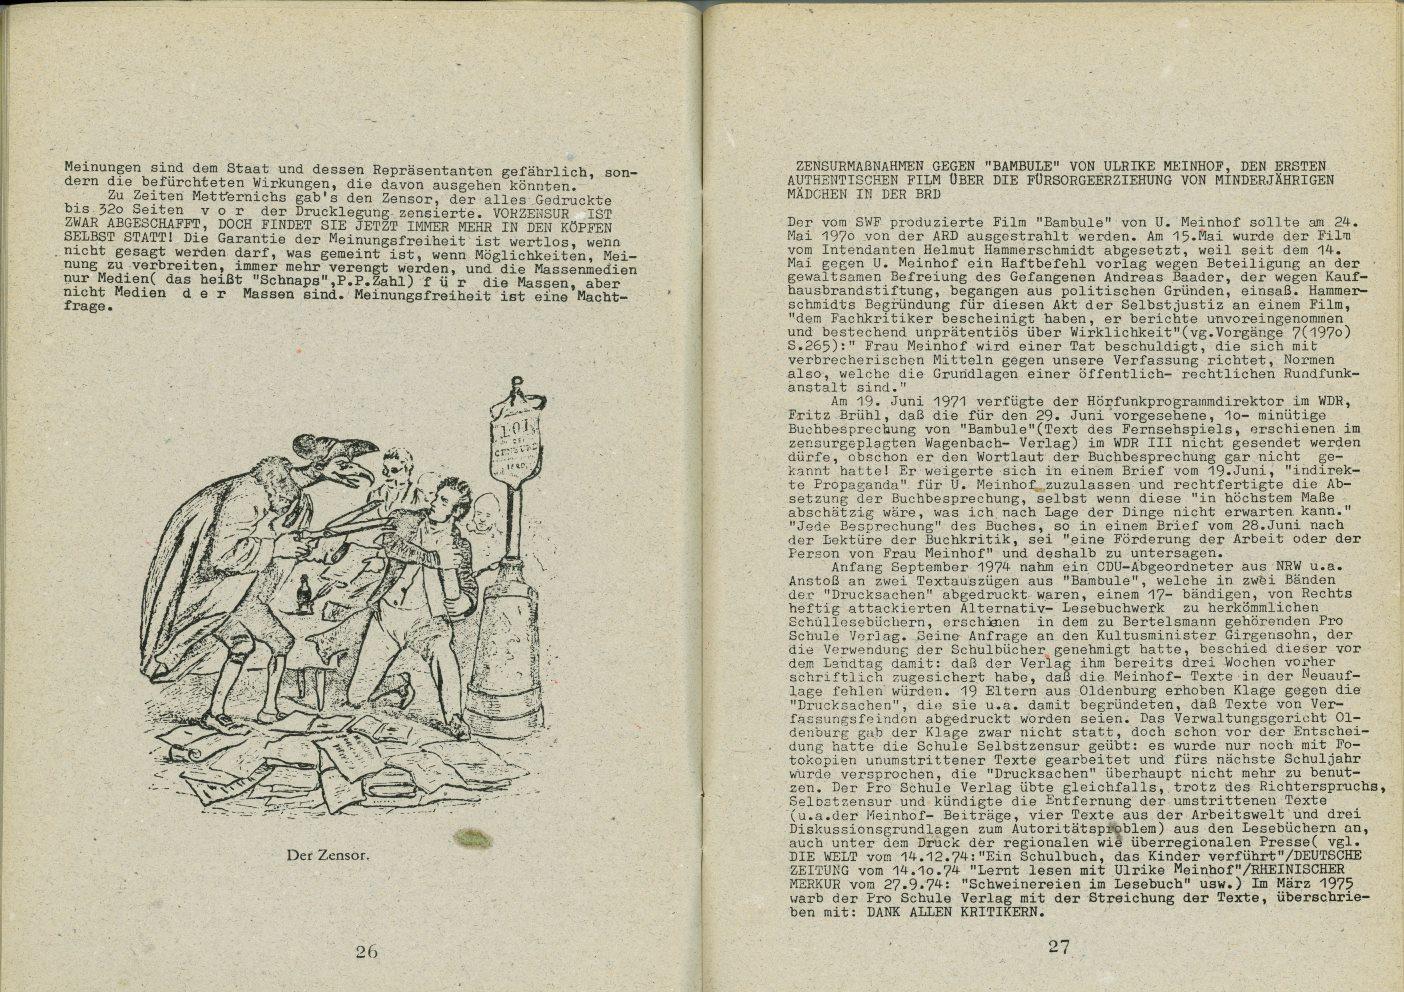 Stuttgart_AGRT_Menschenrechtsverletzungen_Leseheft_1978_15